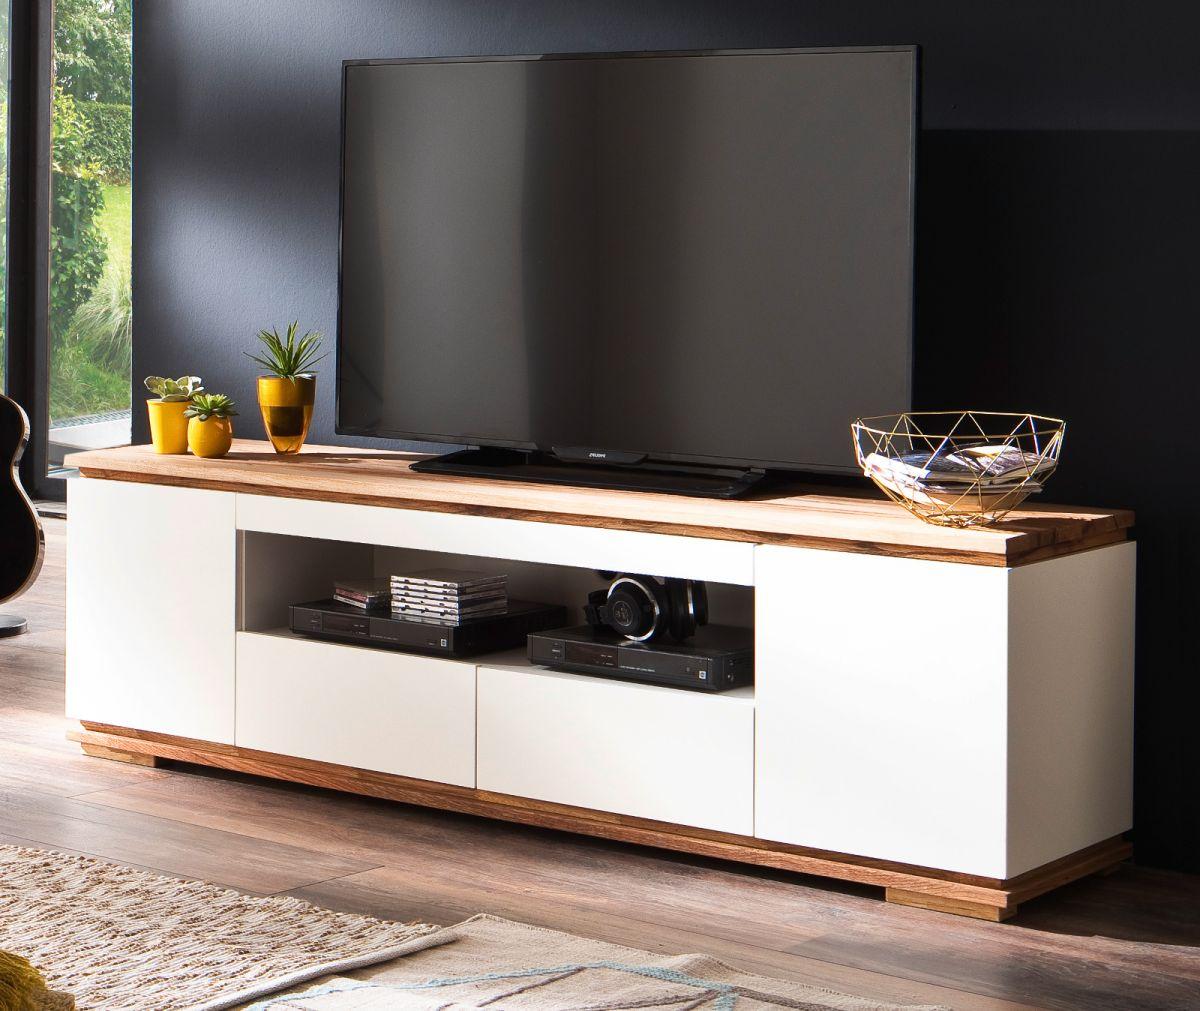 TV-Lowboard Chiaro weiss matt Lack und Eiche - Asteiche massiv 202 x 54 cm